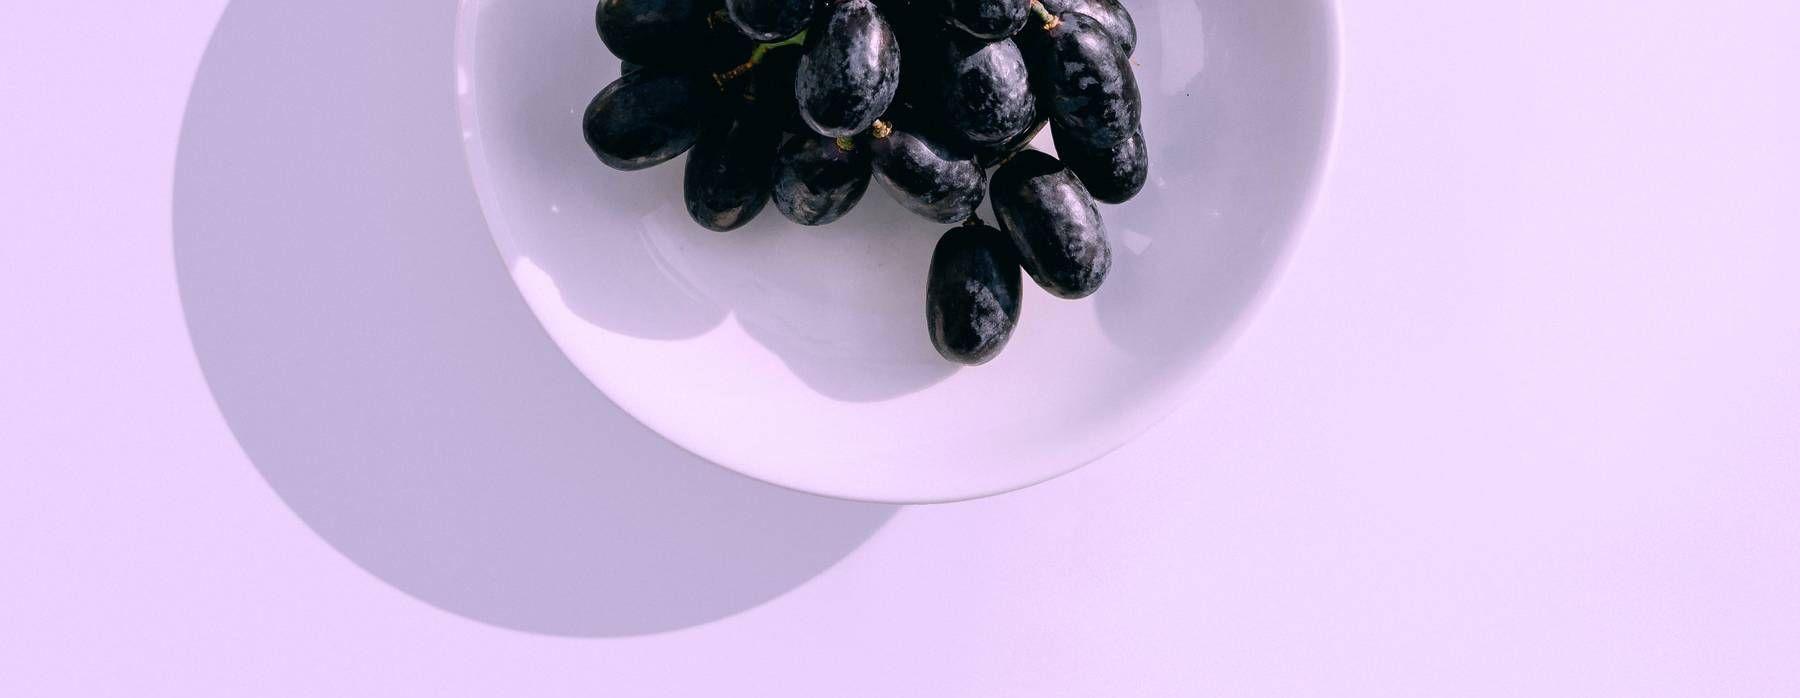 12 increíbles beneficios de las uvas pasas para la salud - Featured image